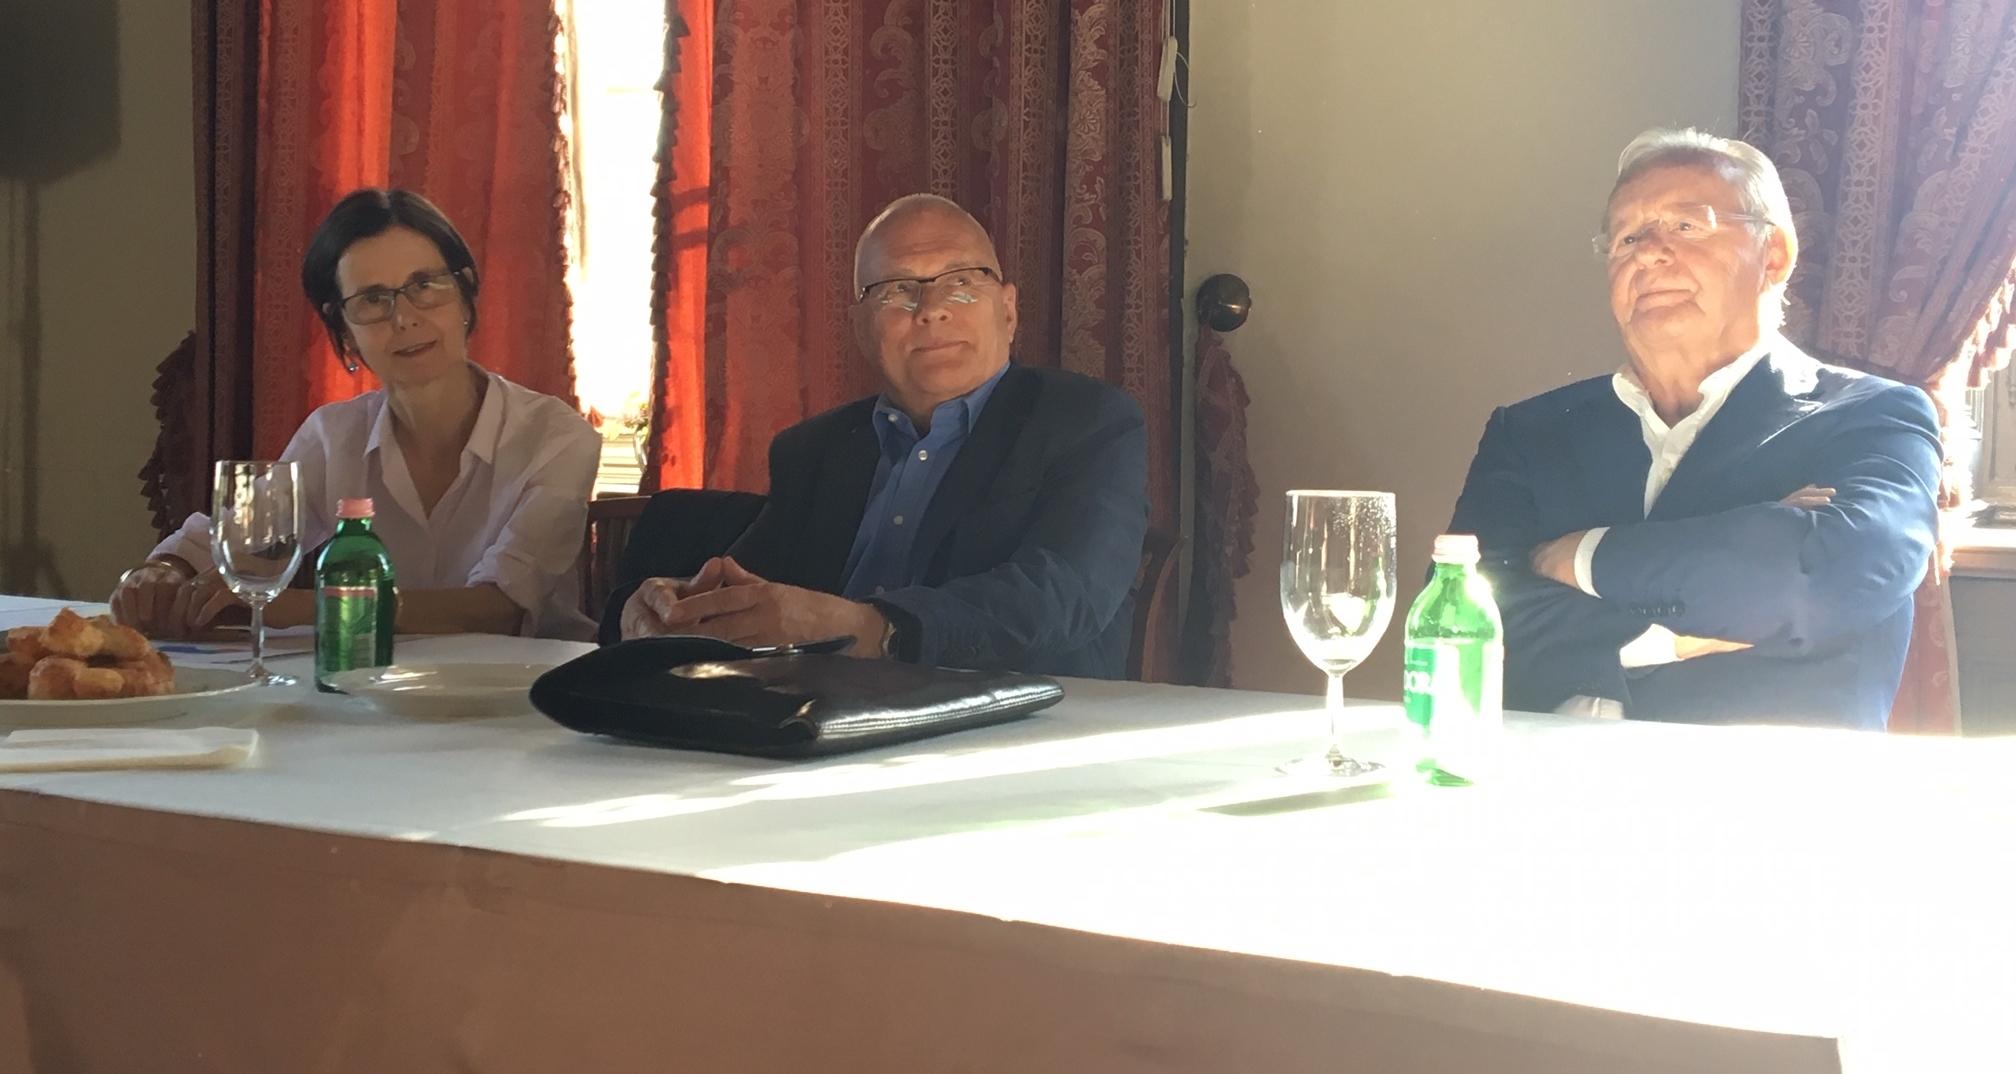 Mme Pascale Adreani, Balázs Péter és Madarász László kerekasztal-beszélgetése az uniós választások, következményeiről, hatásairól